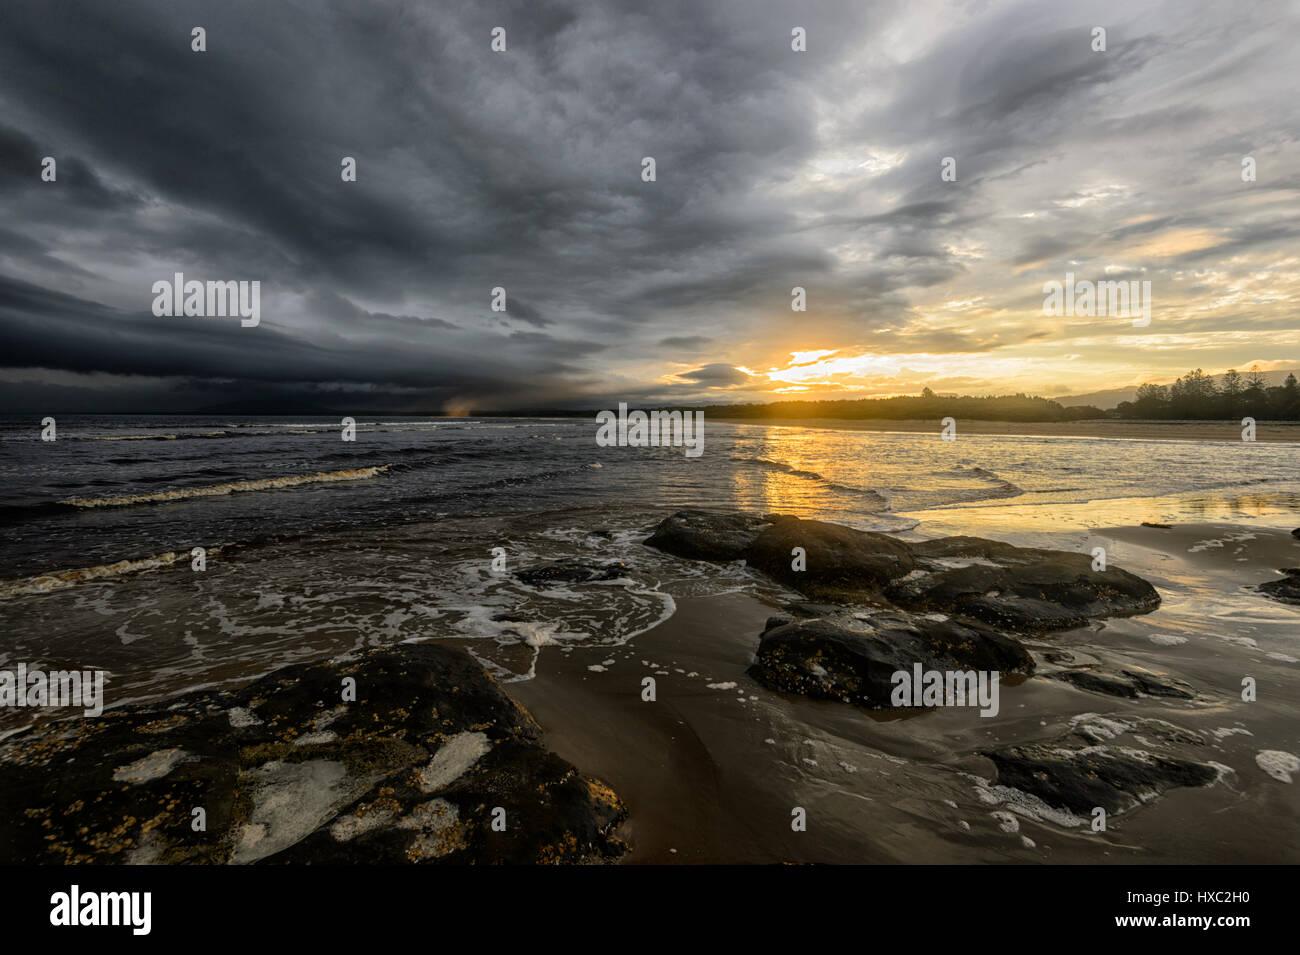 Dramatischen Sonnenuntergang mit schwarzen bedrohlichen Wolken über Seven Mile Beach, Gerroa, Illawarra Coast, New-South.Wales, NSW, Australien Stockfoto